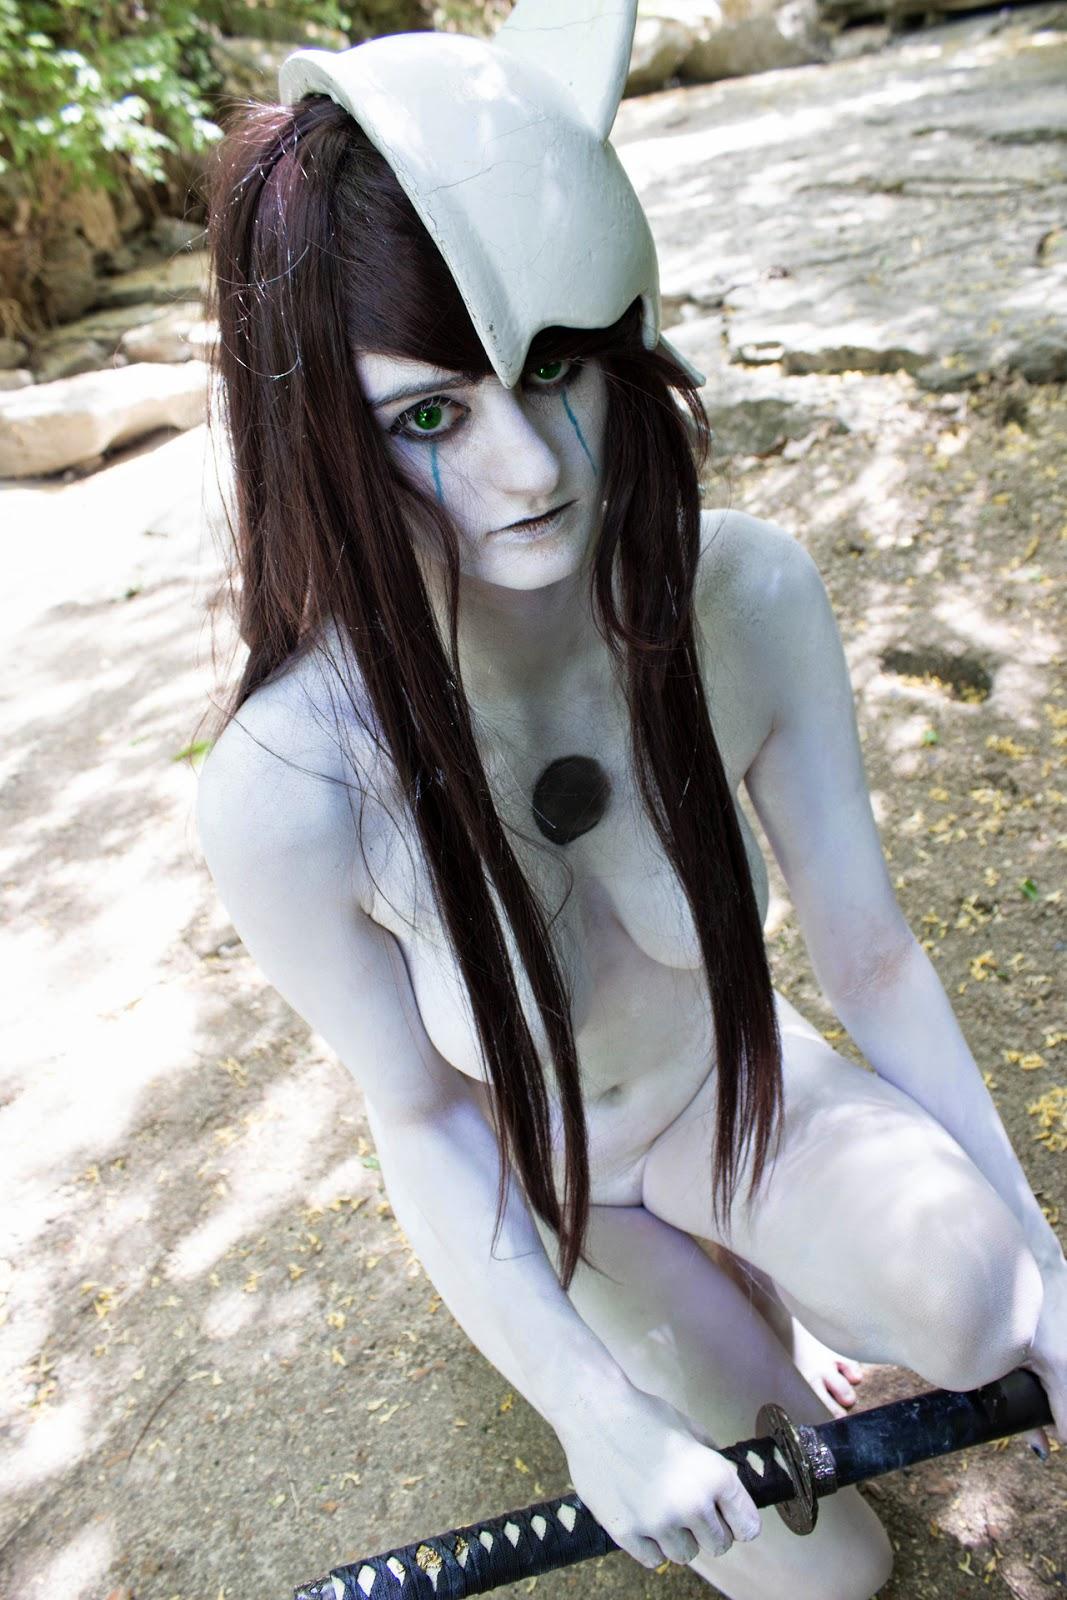 photo de cosplay d'une jeune femme nue en body paint blanc avec un sabre et une protection cranièennedans la nature